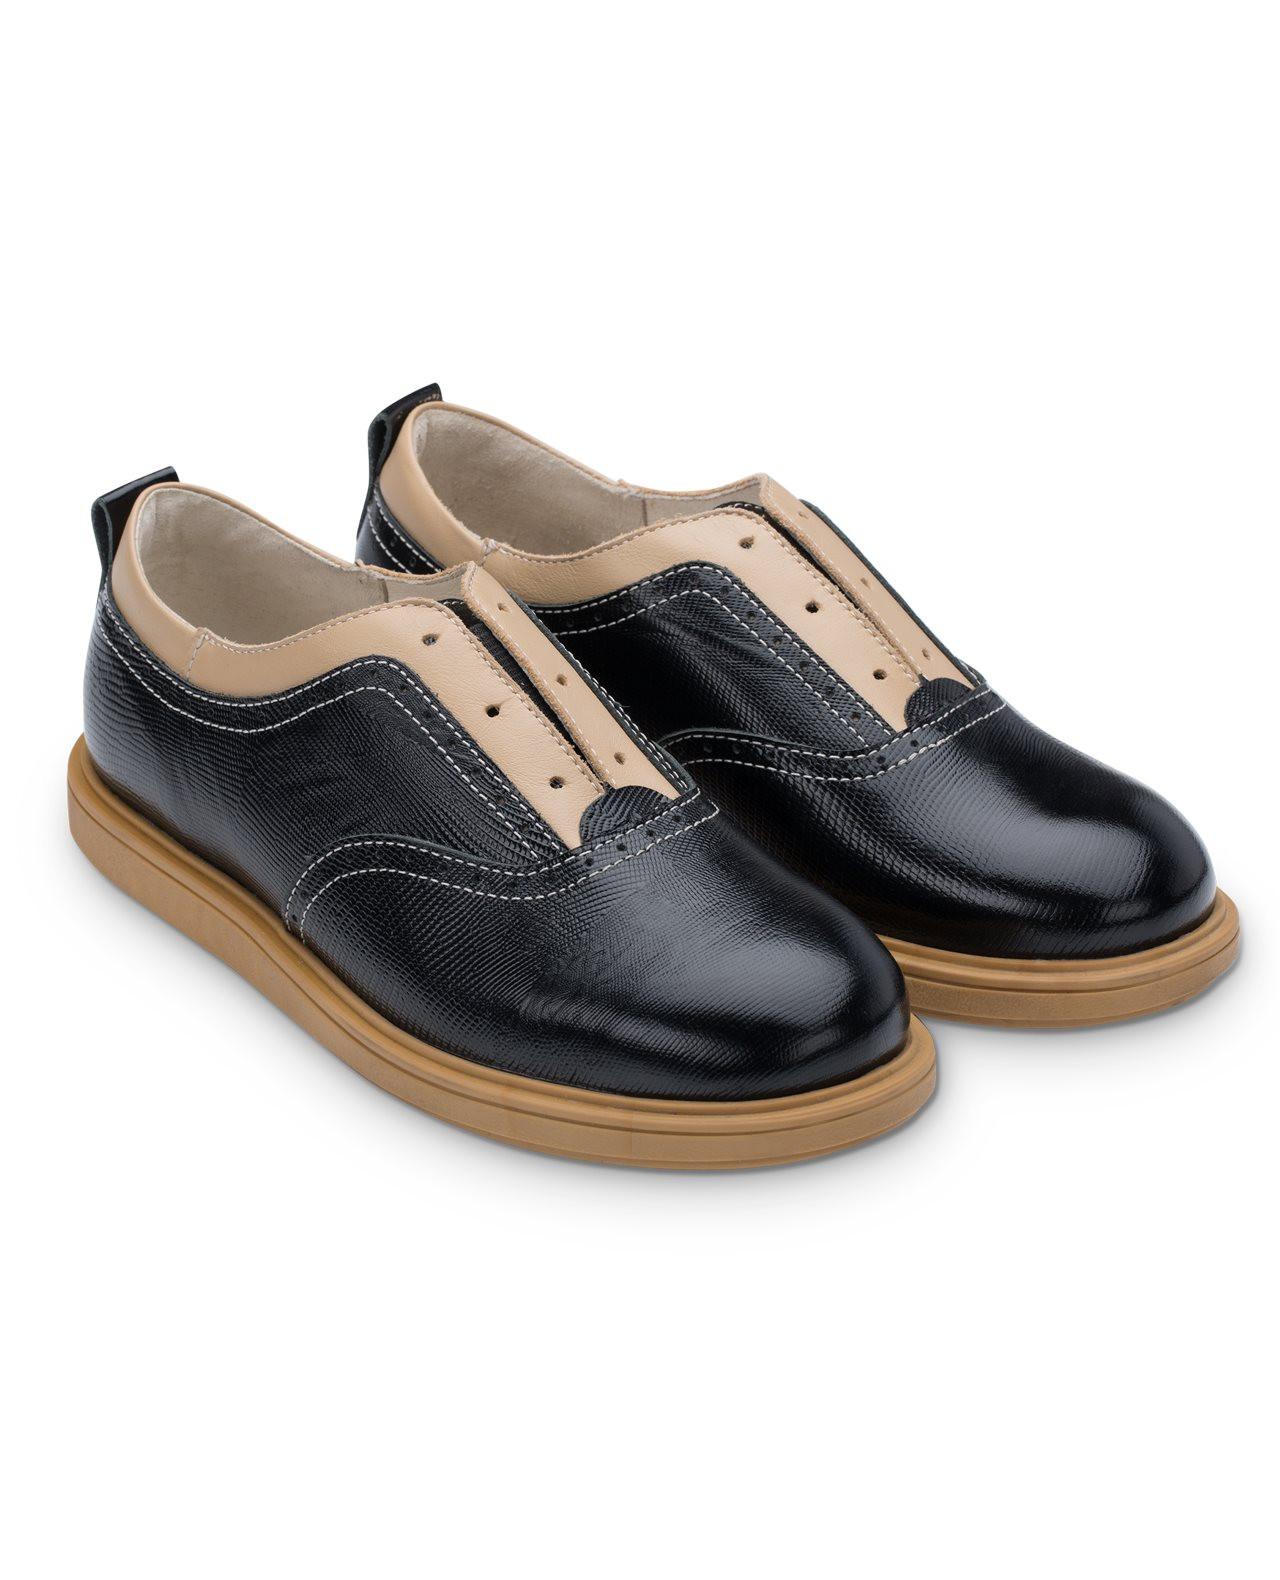 Полуботинки Детские, Tapiboo Твист (44495, 34 )Обувь для школы<br>Полуботинки. Оригинальная модель с намеком <br>на шнурки которые забыли вставить. Многослойная, <br>анатомическая стелька со сводоподдерживающим <br>элементом для правильного формирования <br>стопы. Благодаря использованию современных <br>внутренних материалов позволяет оптимально <br>распределить нагрузку по всей площади стопы <br>и свести к минимуму ее ударную составляющую. <br>Жесткий фиксирующий задник надежно стабилизирует <br>голеностопный сустав во время ходьбы. Упругая, <br>умеренно-эластичная подошва, имеющая перекат <br>позволяющий повторить естественное движение <br>стопы при ходьбе для правильного распределения <br>нагрузки на опорно-двигательный аппарат <br>ребенка. Подкладка из натуральной кожи <br>обладает мягкостью и природной способностью <br>пропускать воздух для создания оптимального <br>температурного режима (нога не потеет).<br>Размер INT: M; Цвет: Красный; Ширина: 100; Высота: 200; Вес: 1000;